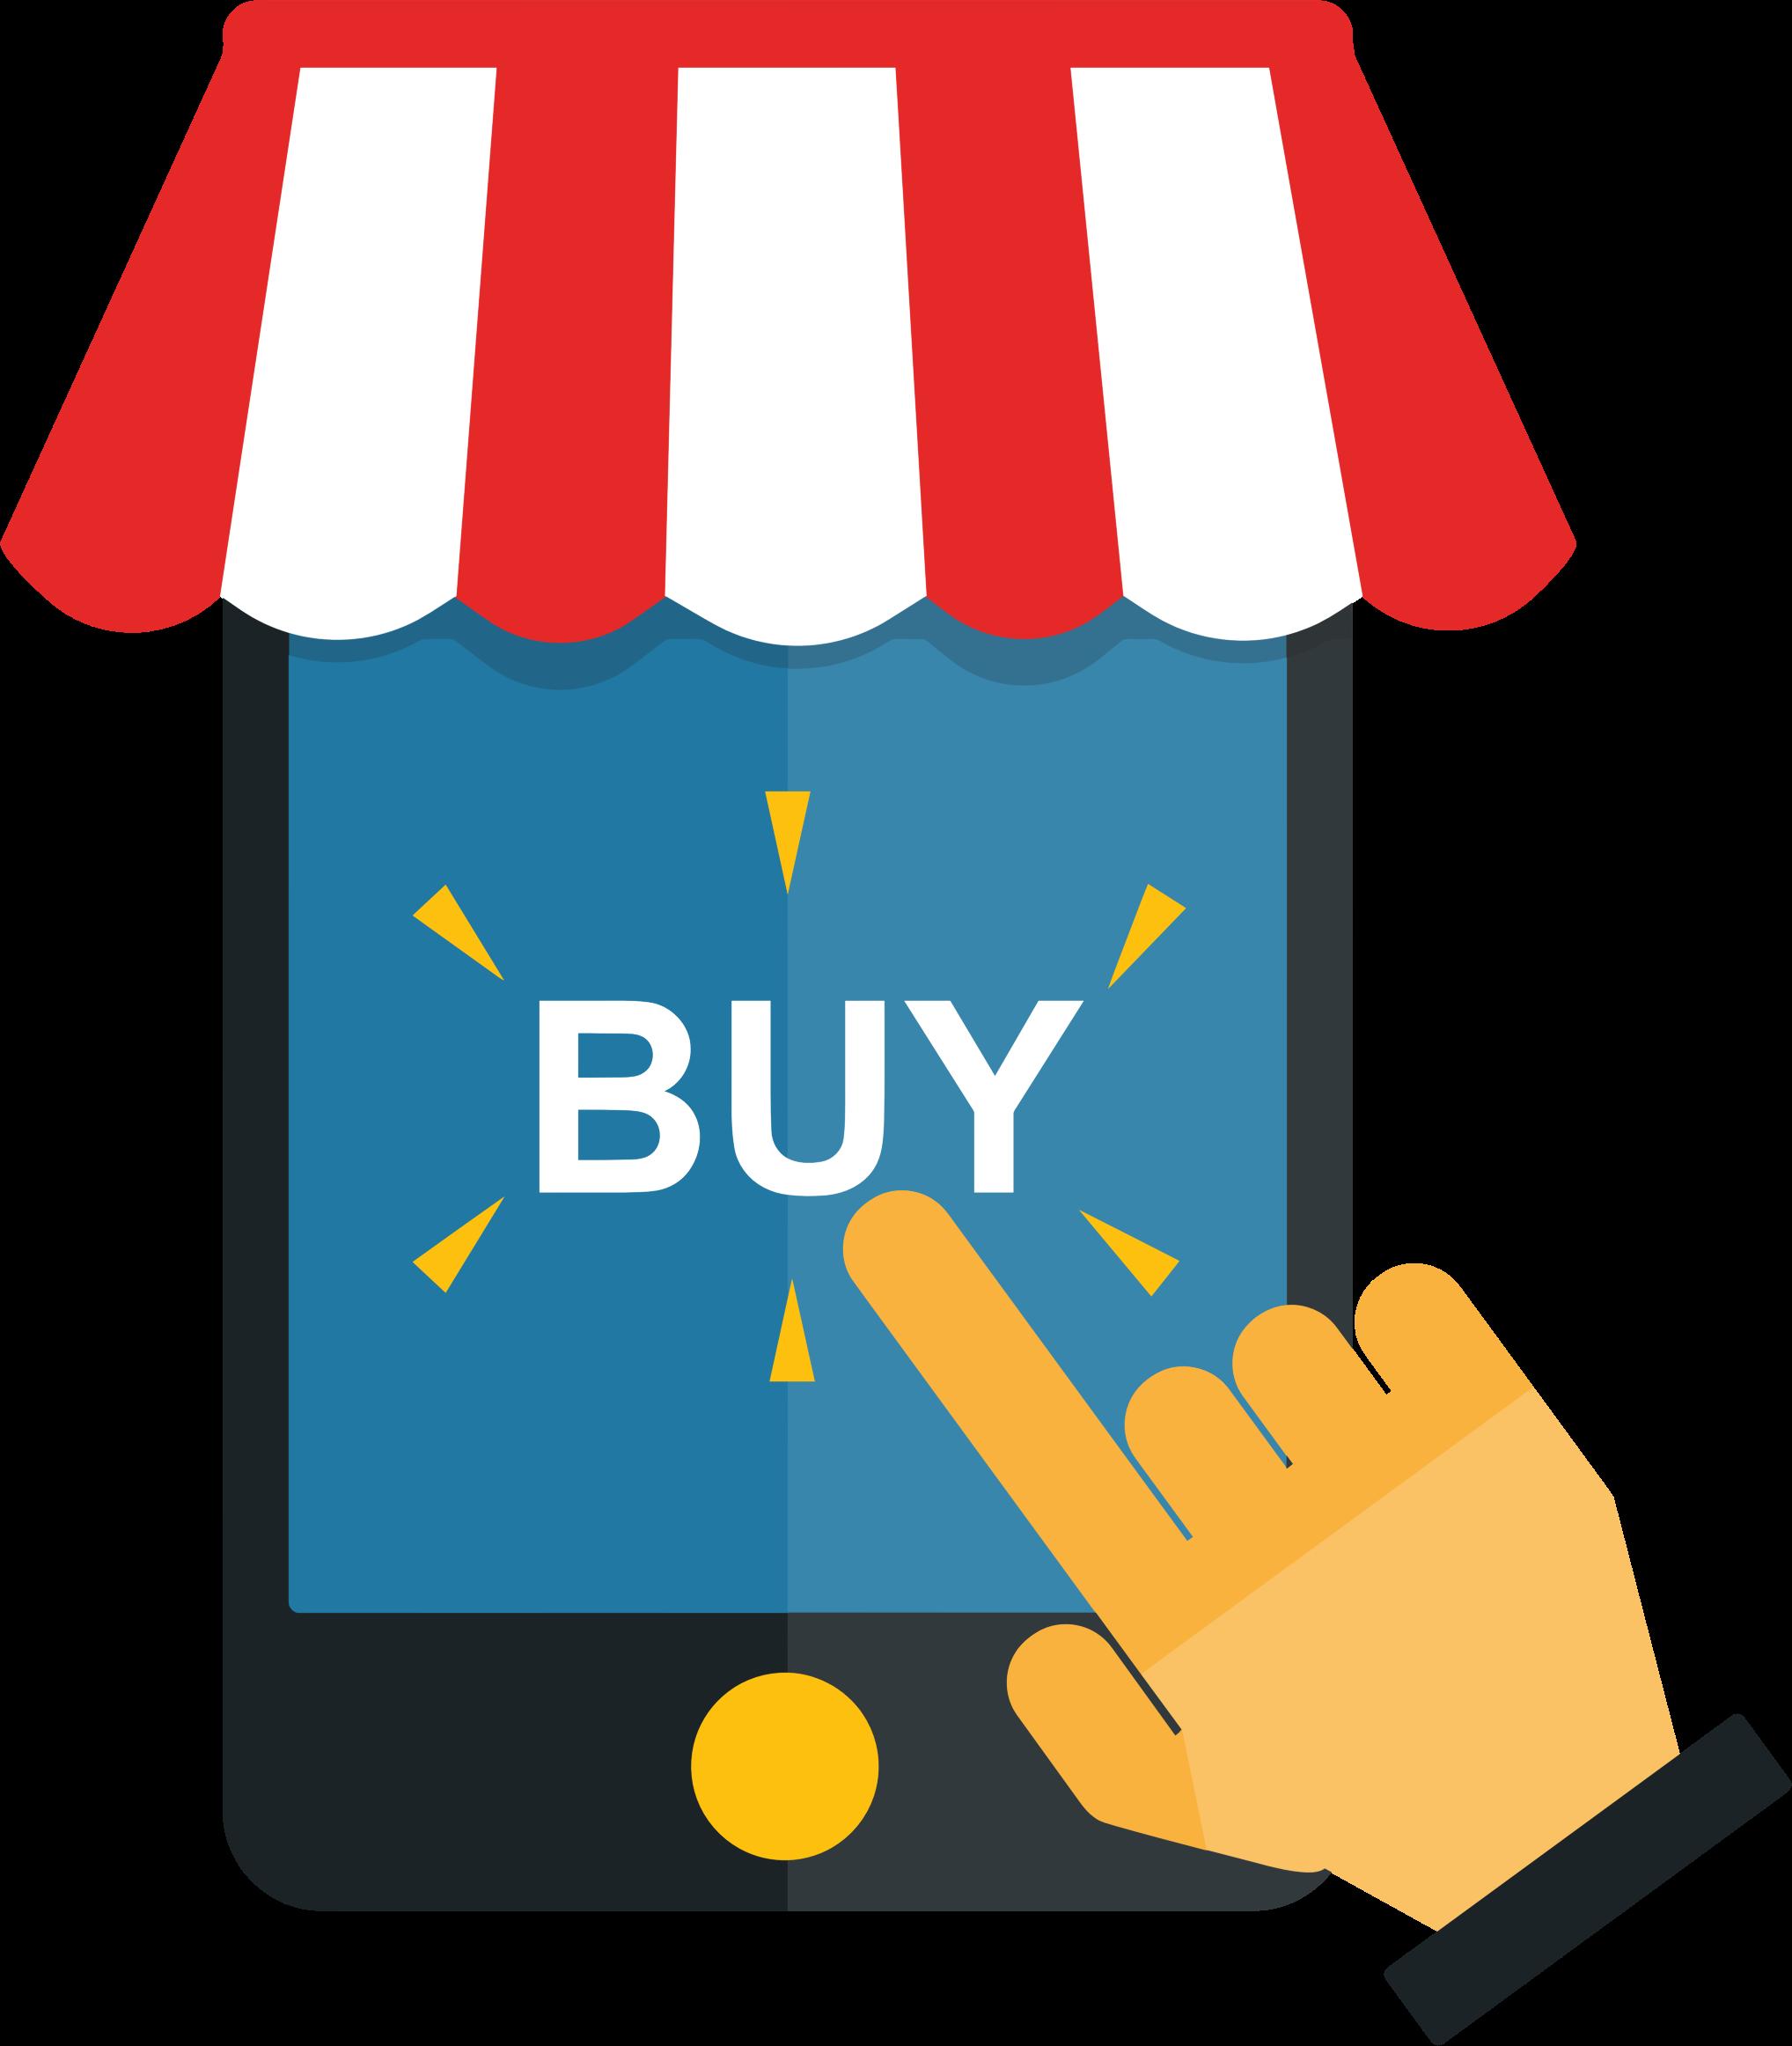 Similar Shopping PNG Image